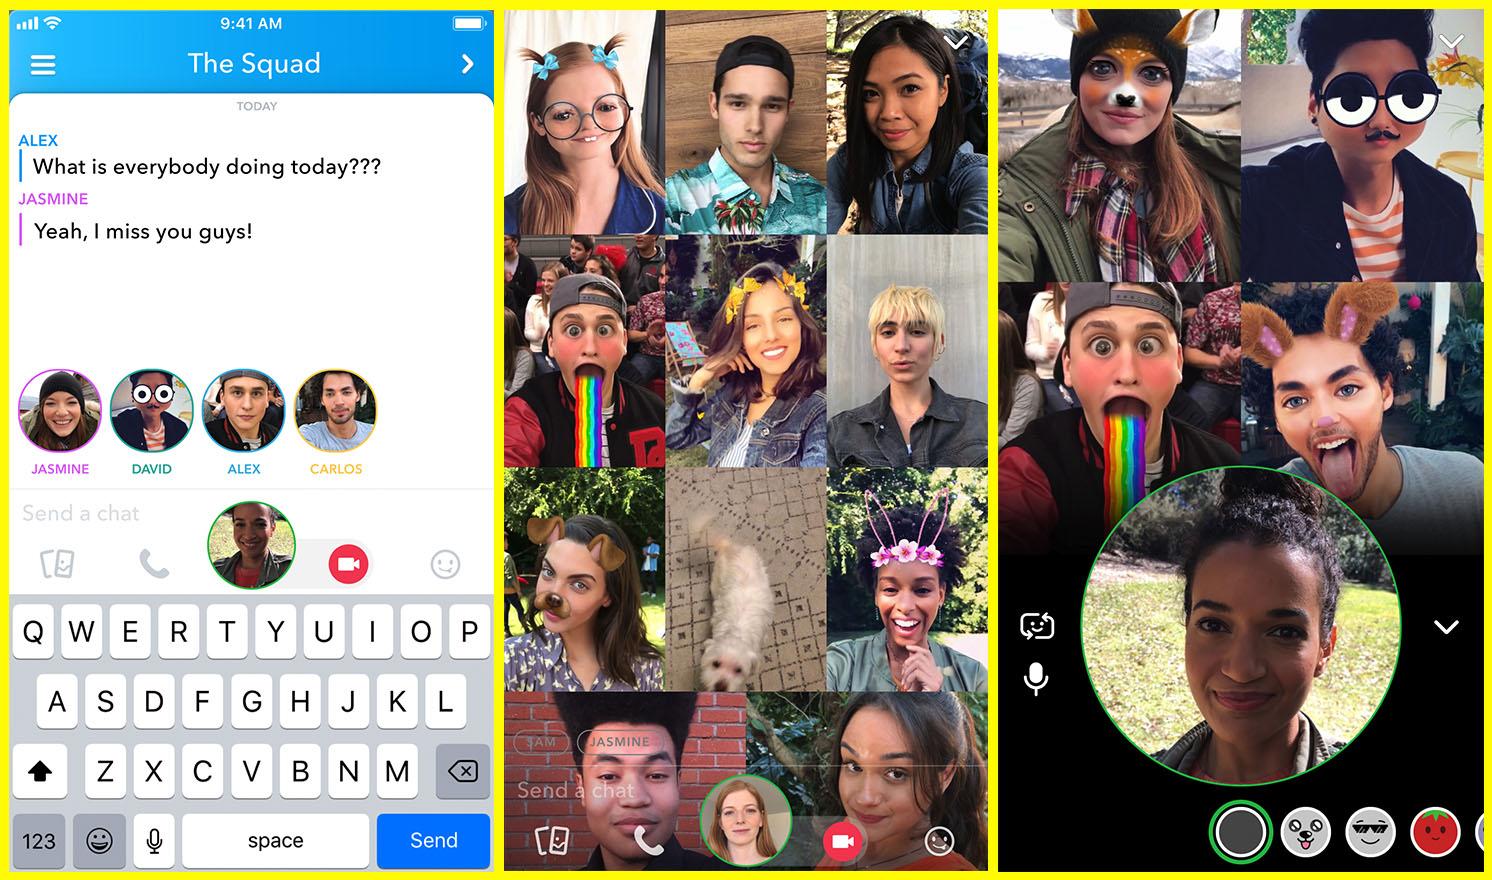 snapchat-group-chat.jpg